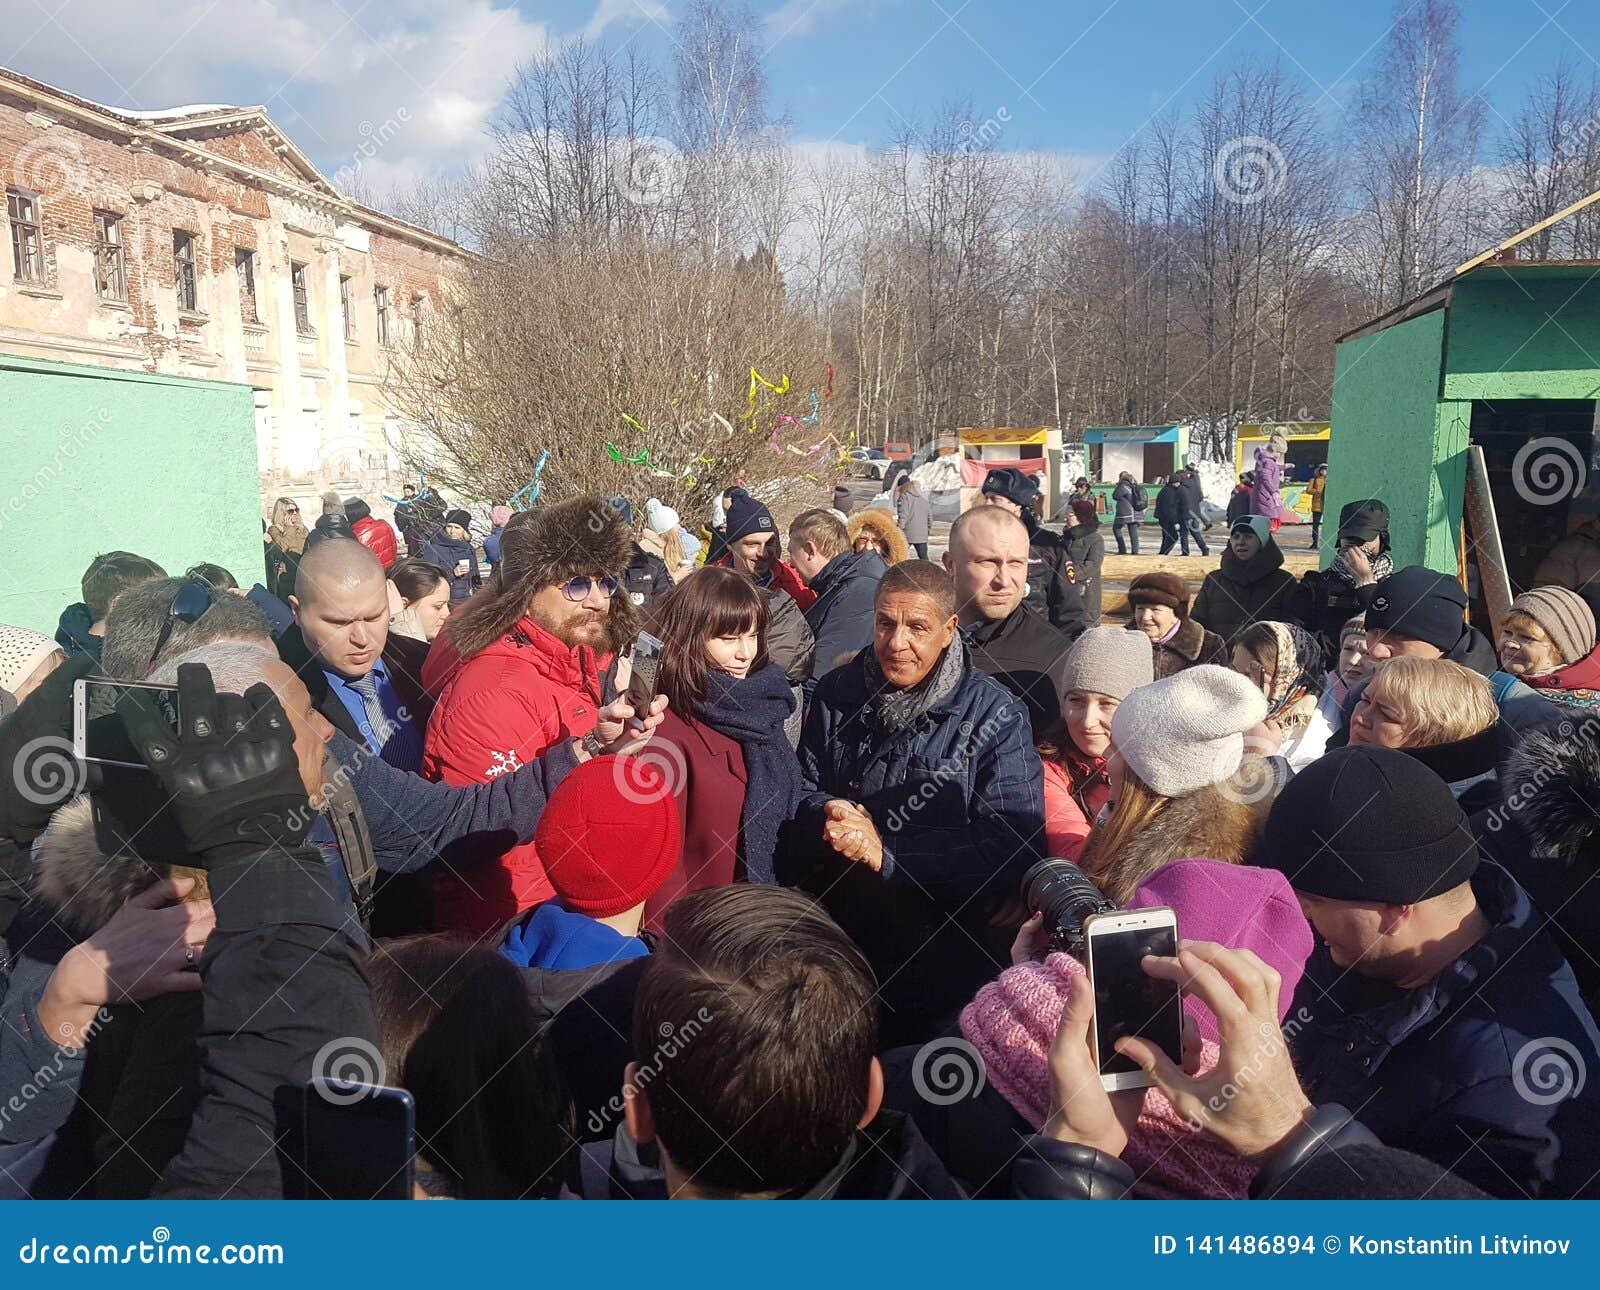 Moskvaregion, Fryazino, Grebnevo estate-09 03 2009: Samy Naceri French stjärna och skådespelare av taxifilmer som besöker godset